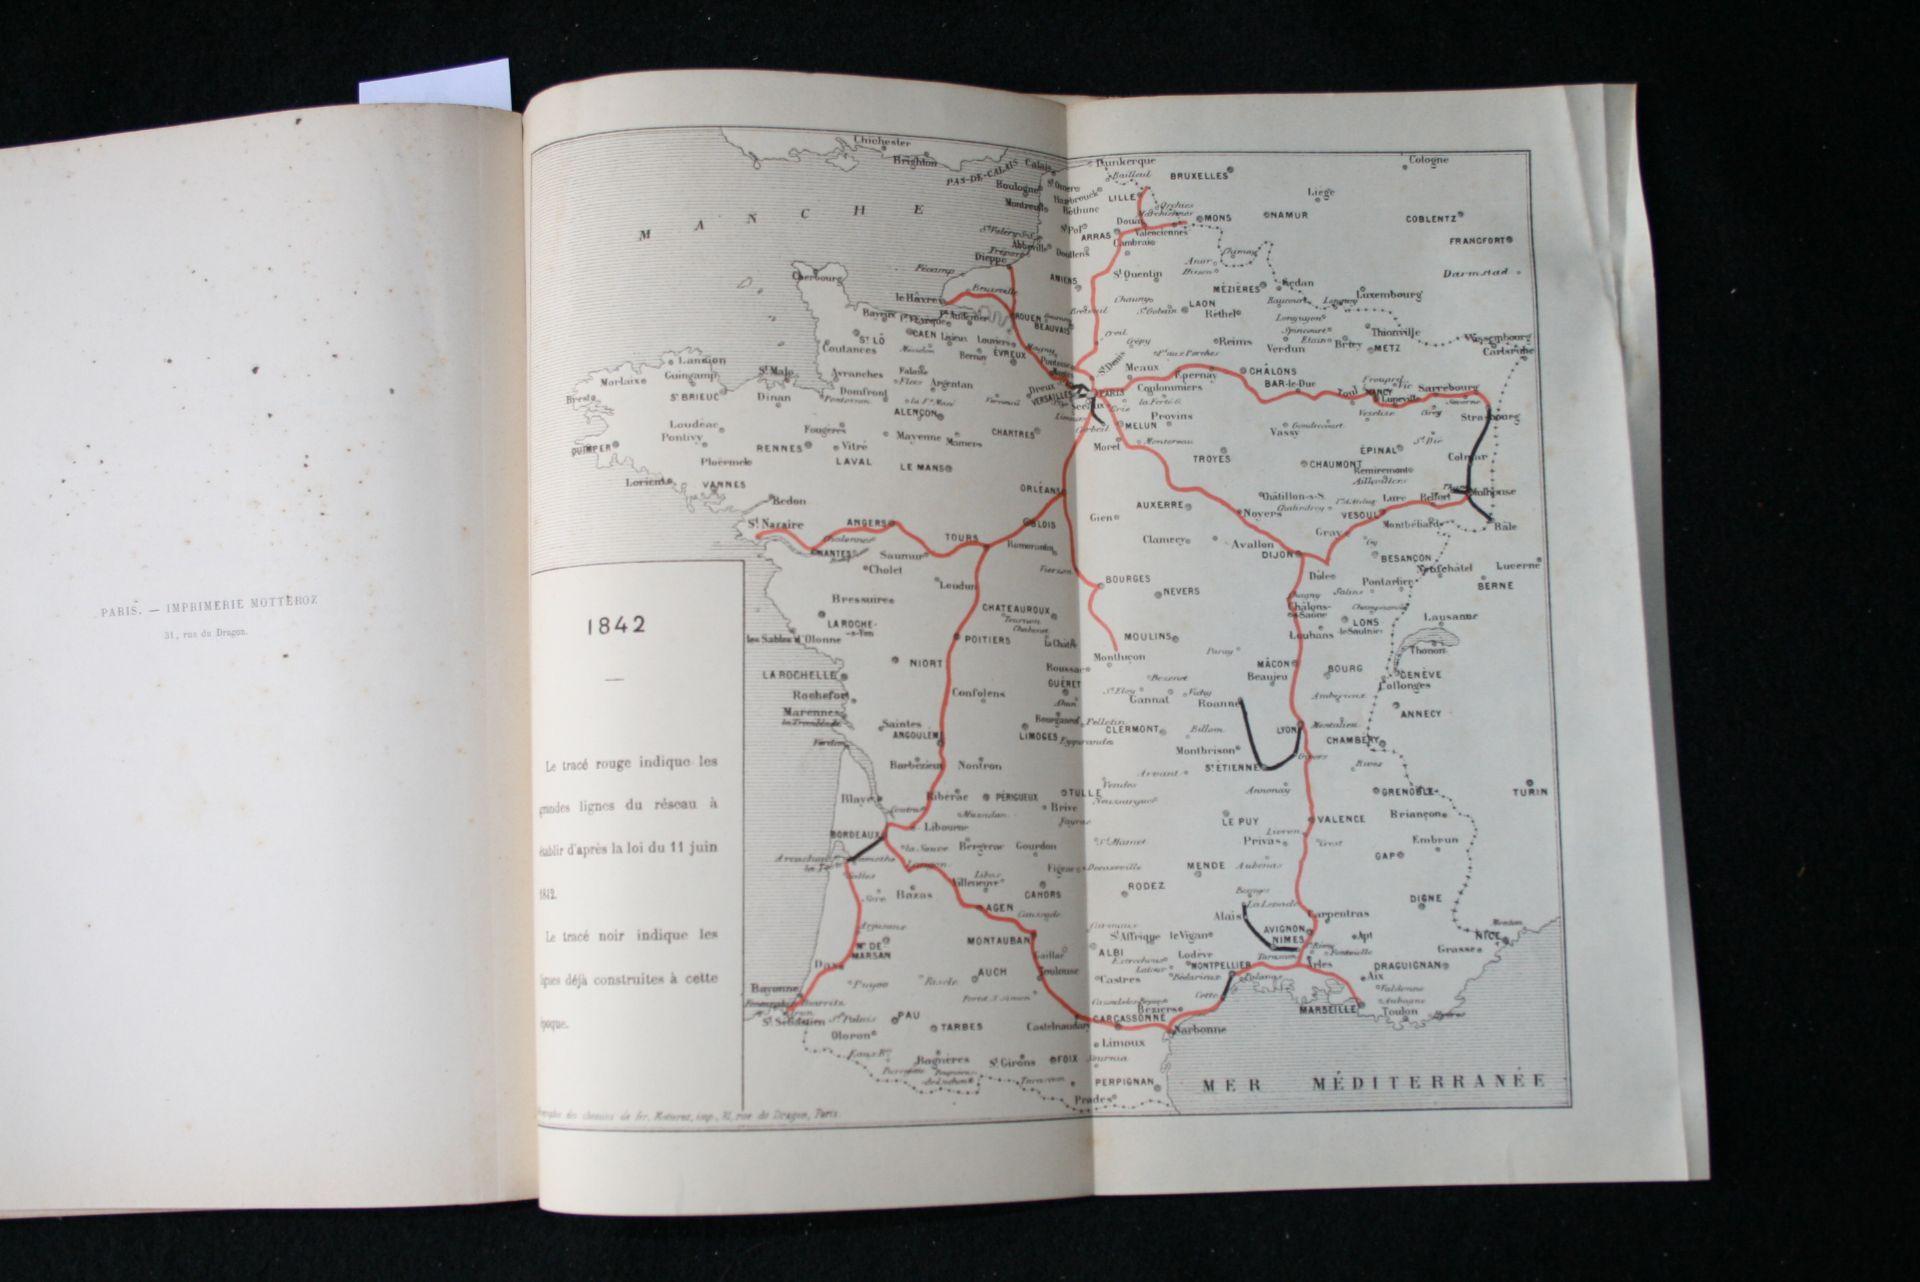 Los 16 - Isaac PEREIRE : La question des chemins de fer avec 5 cartes indiquant la formation [...]